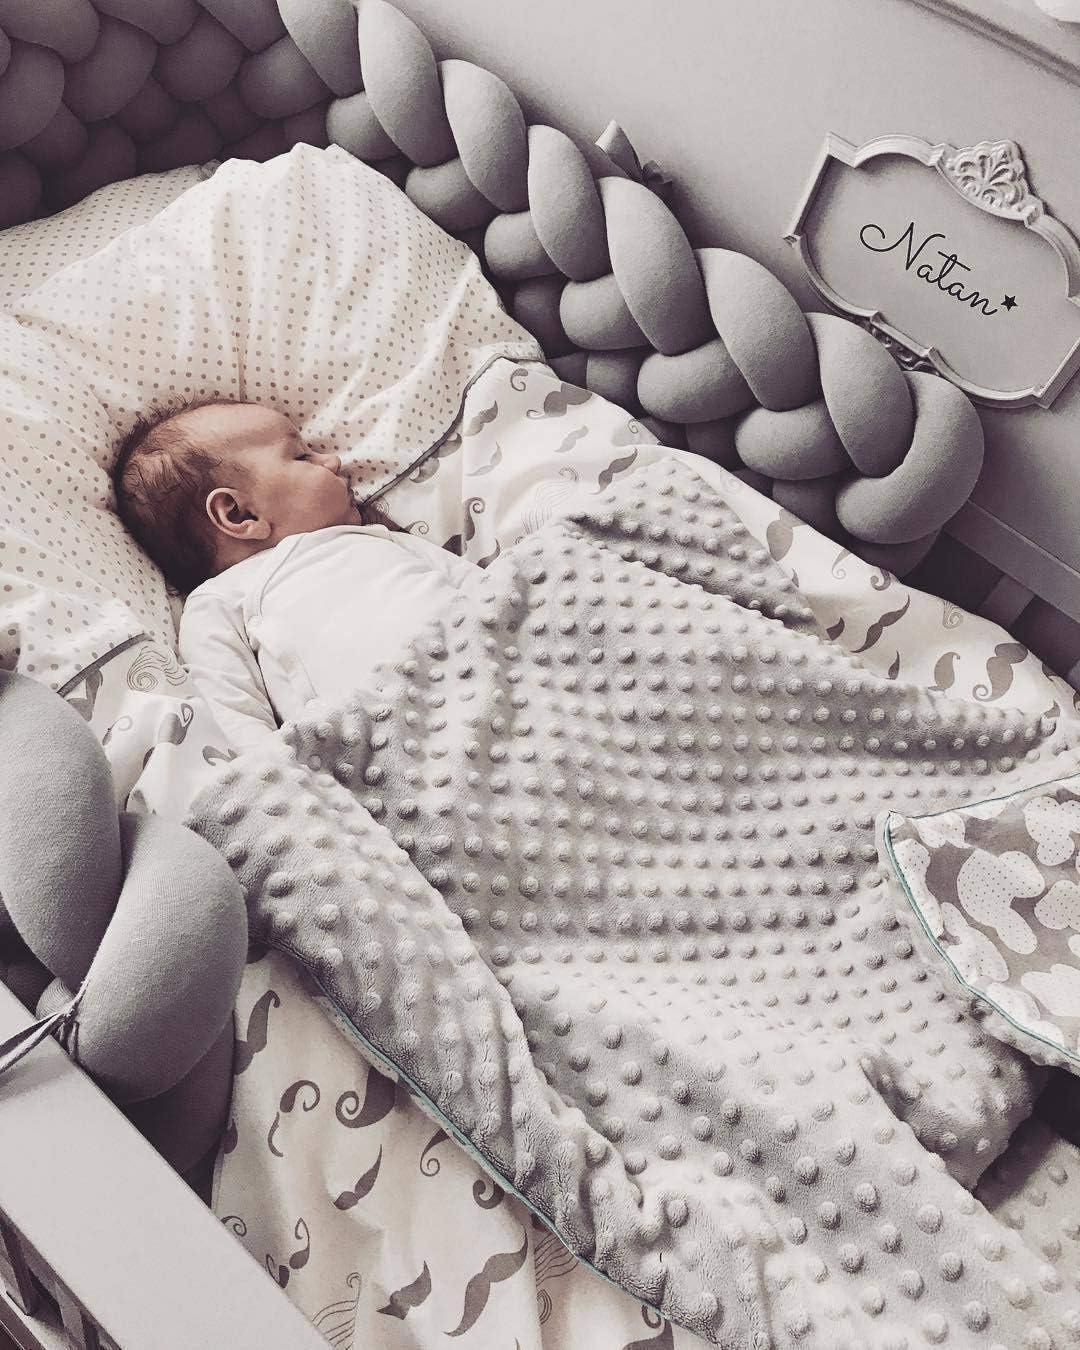 tour de lit bebe fille et les gar/çon coussin serpent b/éb/é gris 220 cm tour de lit tresse